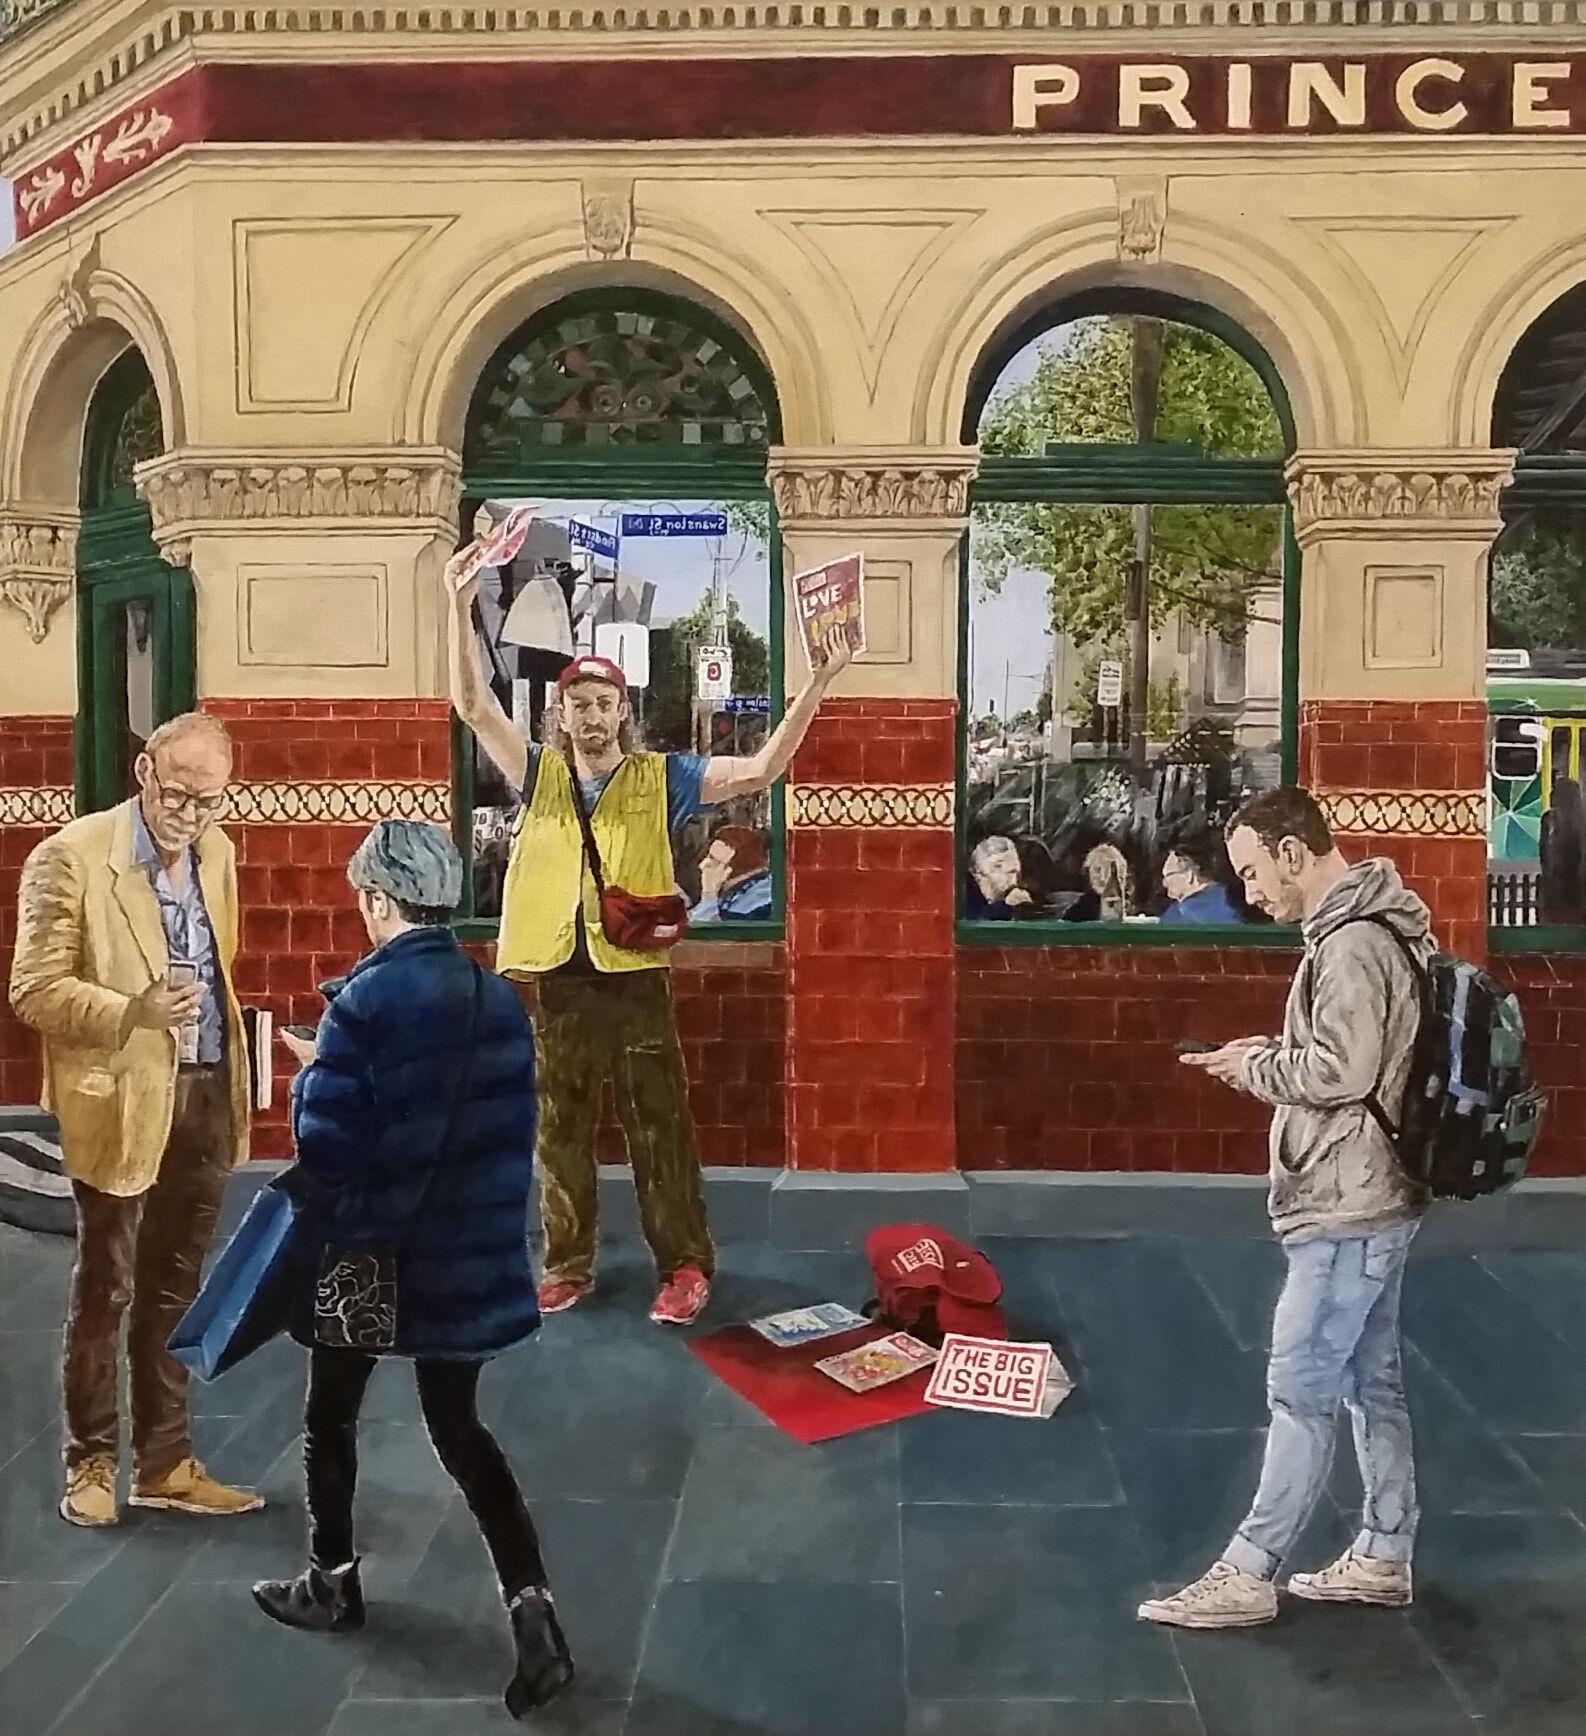 The prince 2